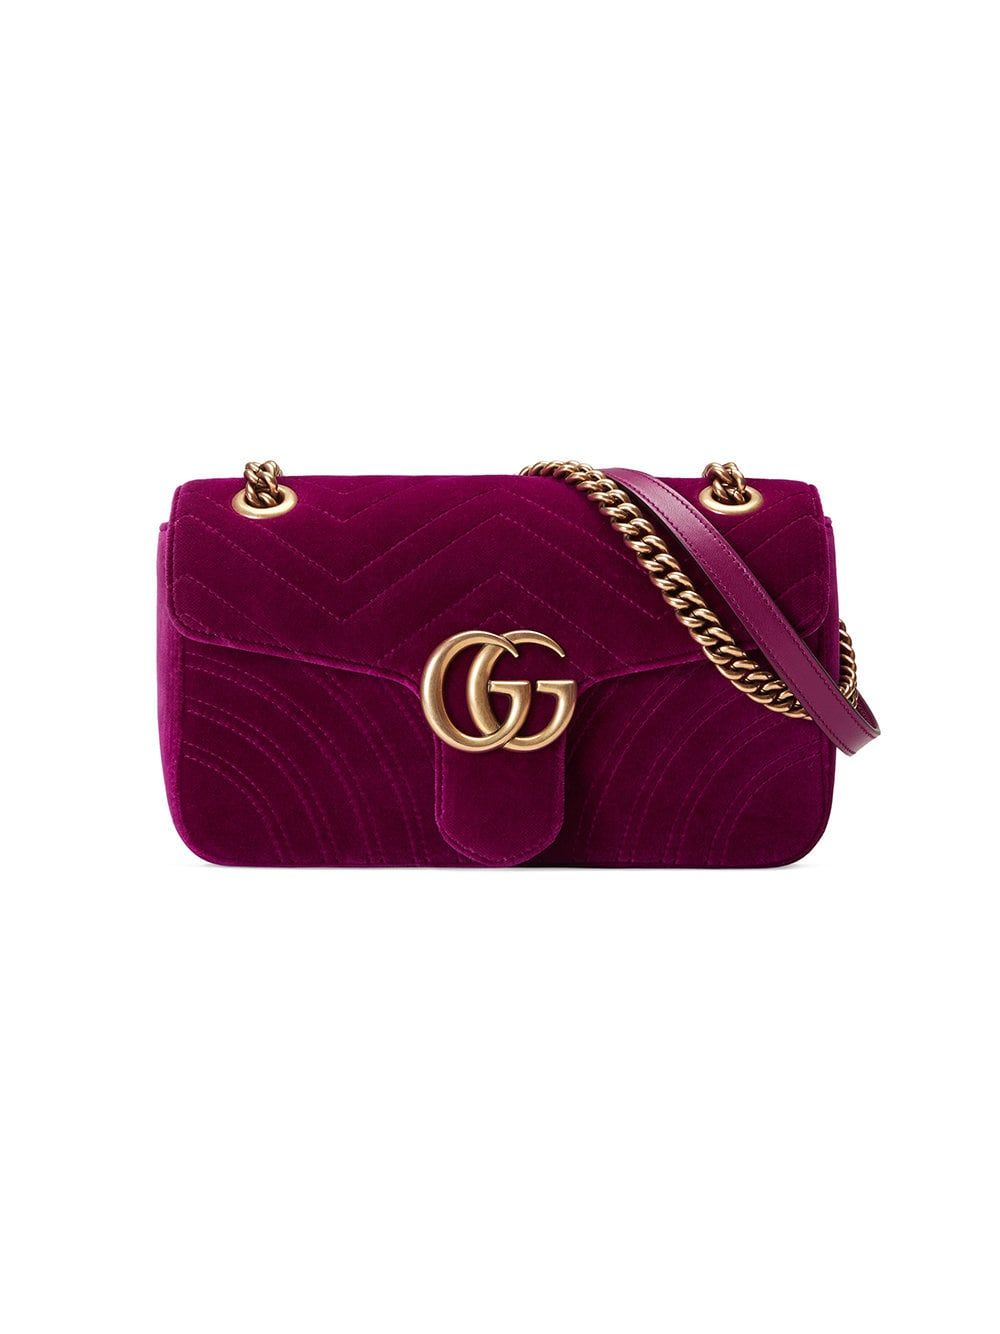 7d347c02a56d0 Gucci GG Marmont Velvet Shoulder Bag in 2019